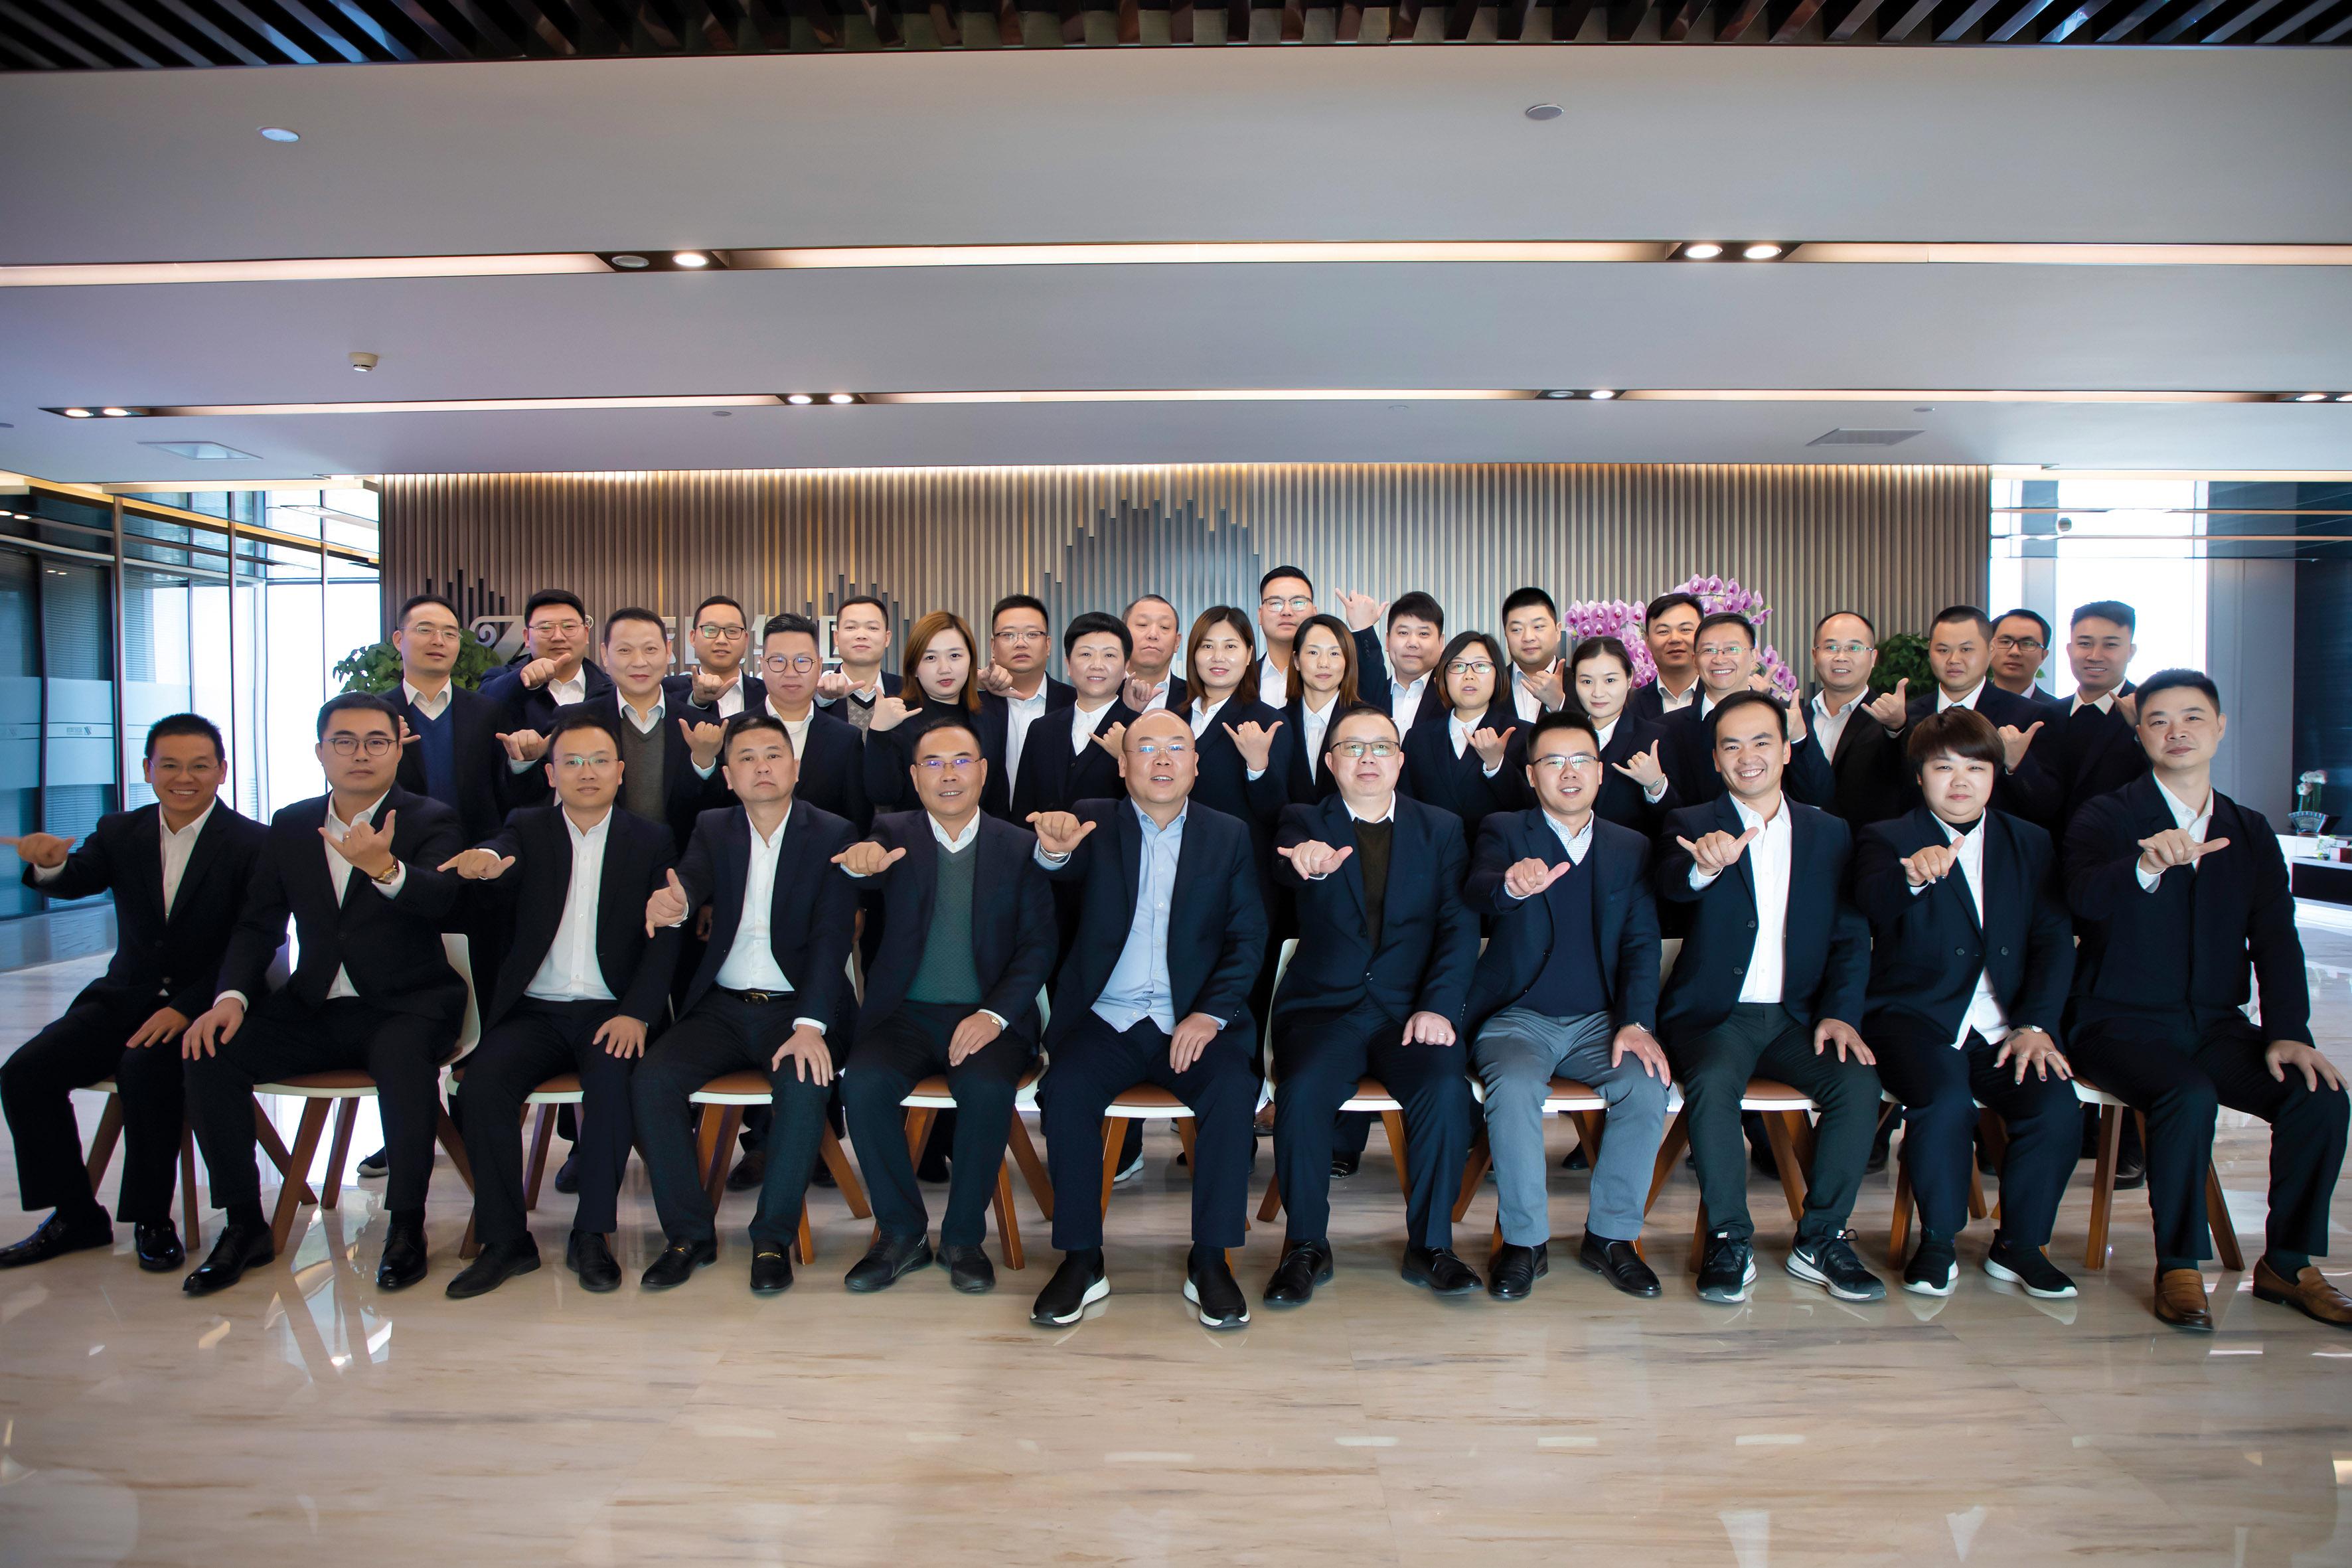 Ci gaba da gwagwarmaya, ƙirƙira da raba tare-Taron taƙaitaccen aikin Groupungiyar Hongwang na 2020 ya ƙare cikin nasara